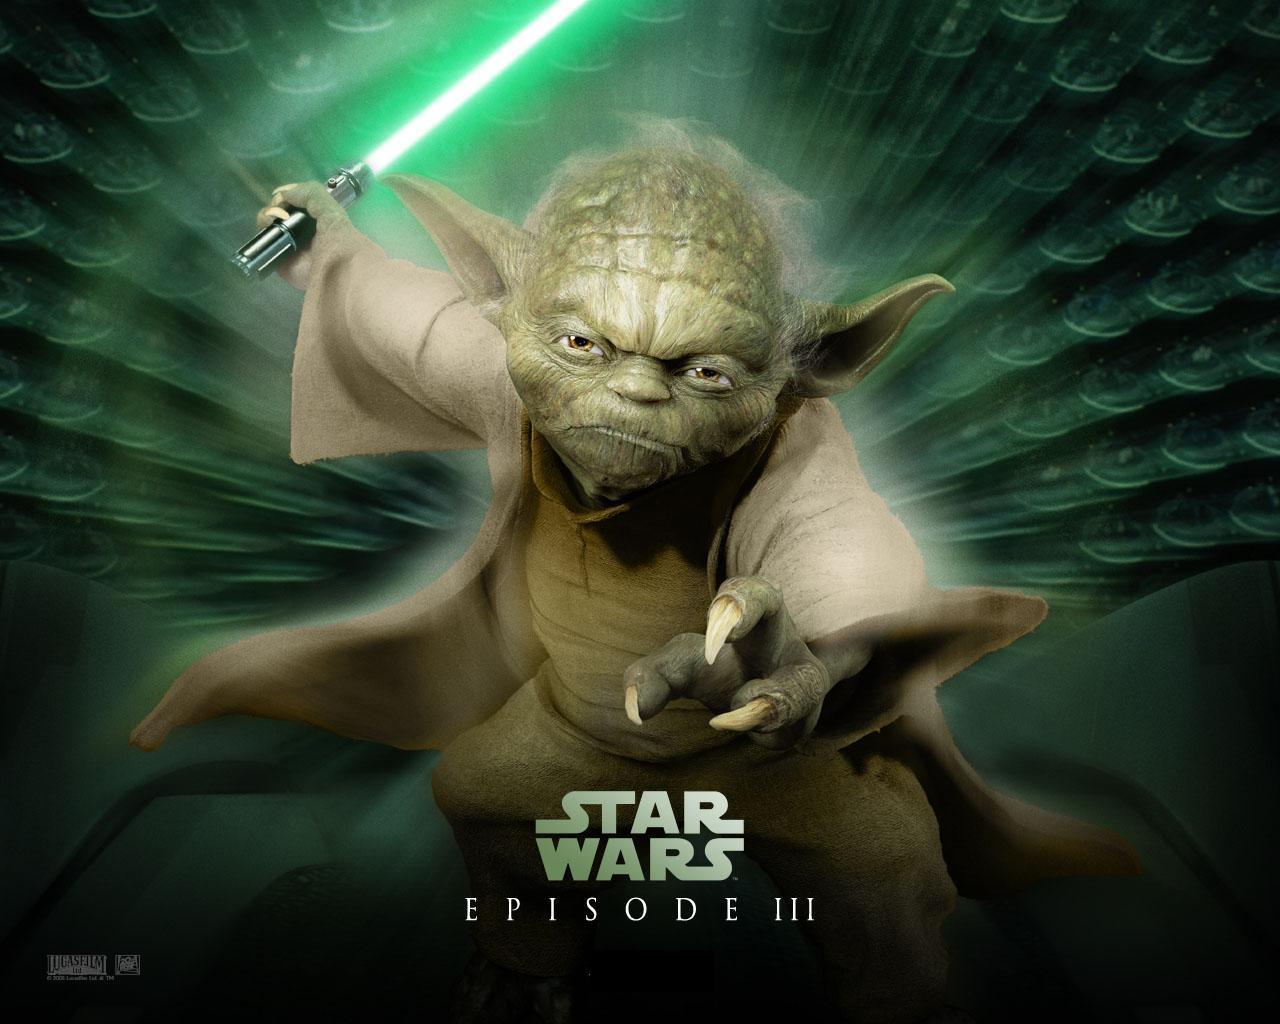 10953 Hintergrundbild herunterladen Star Wars, Kino, Meister Yoda - Bildschirmschoner und Bilder kostenlos